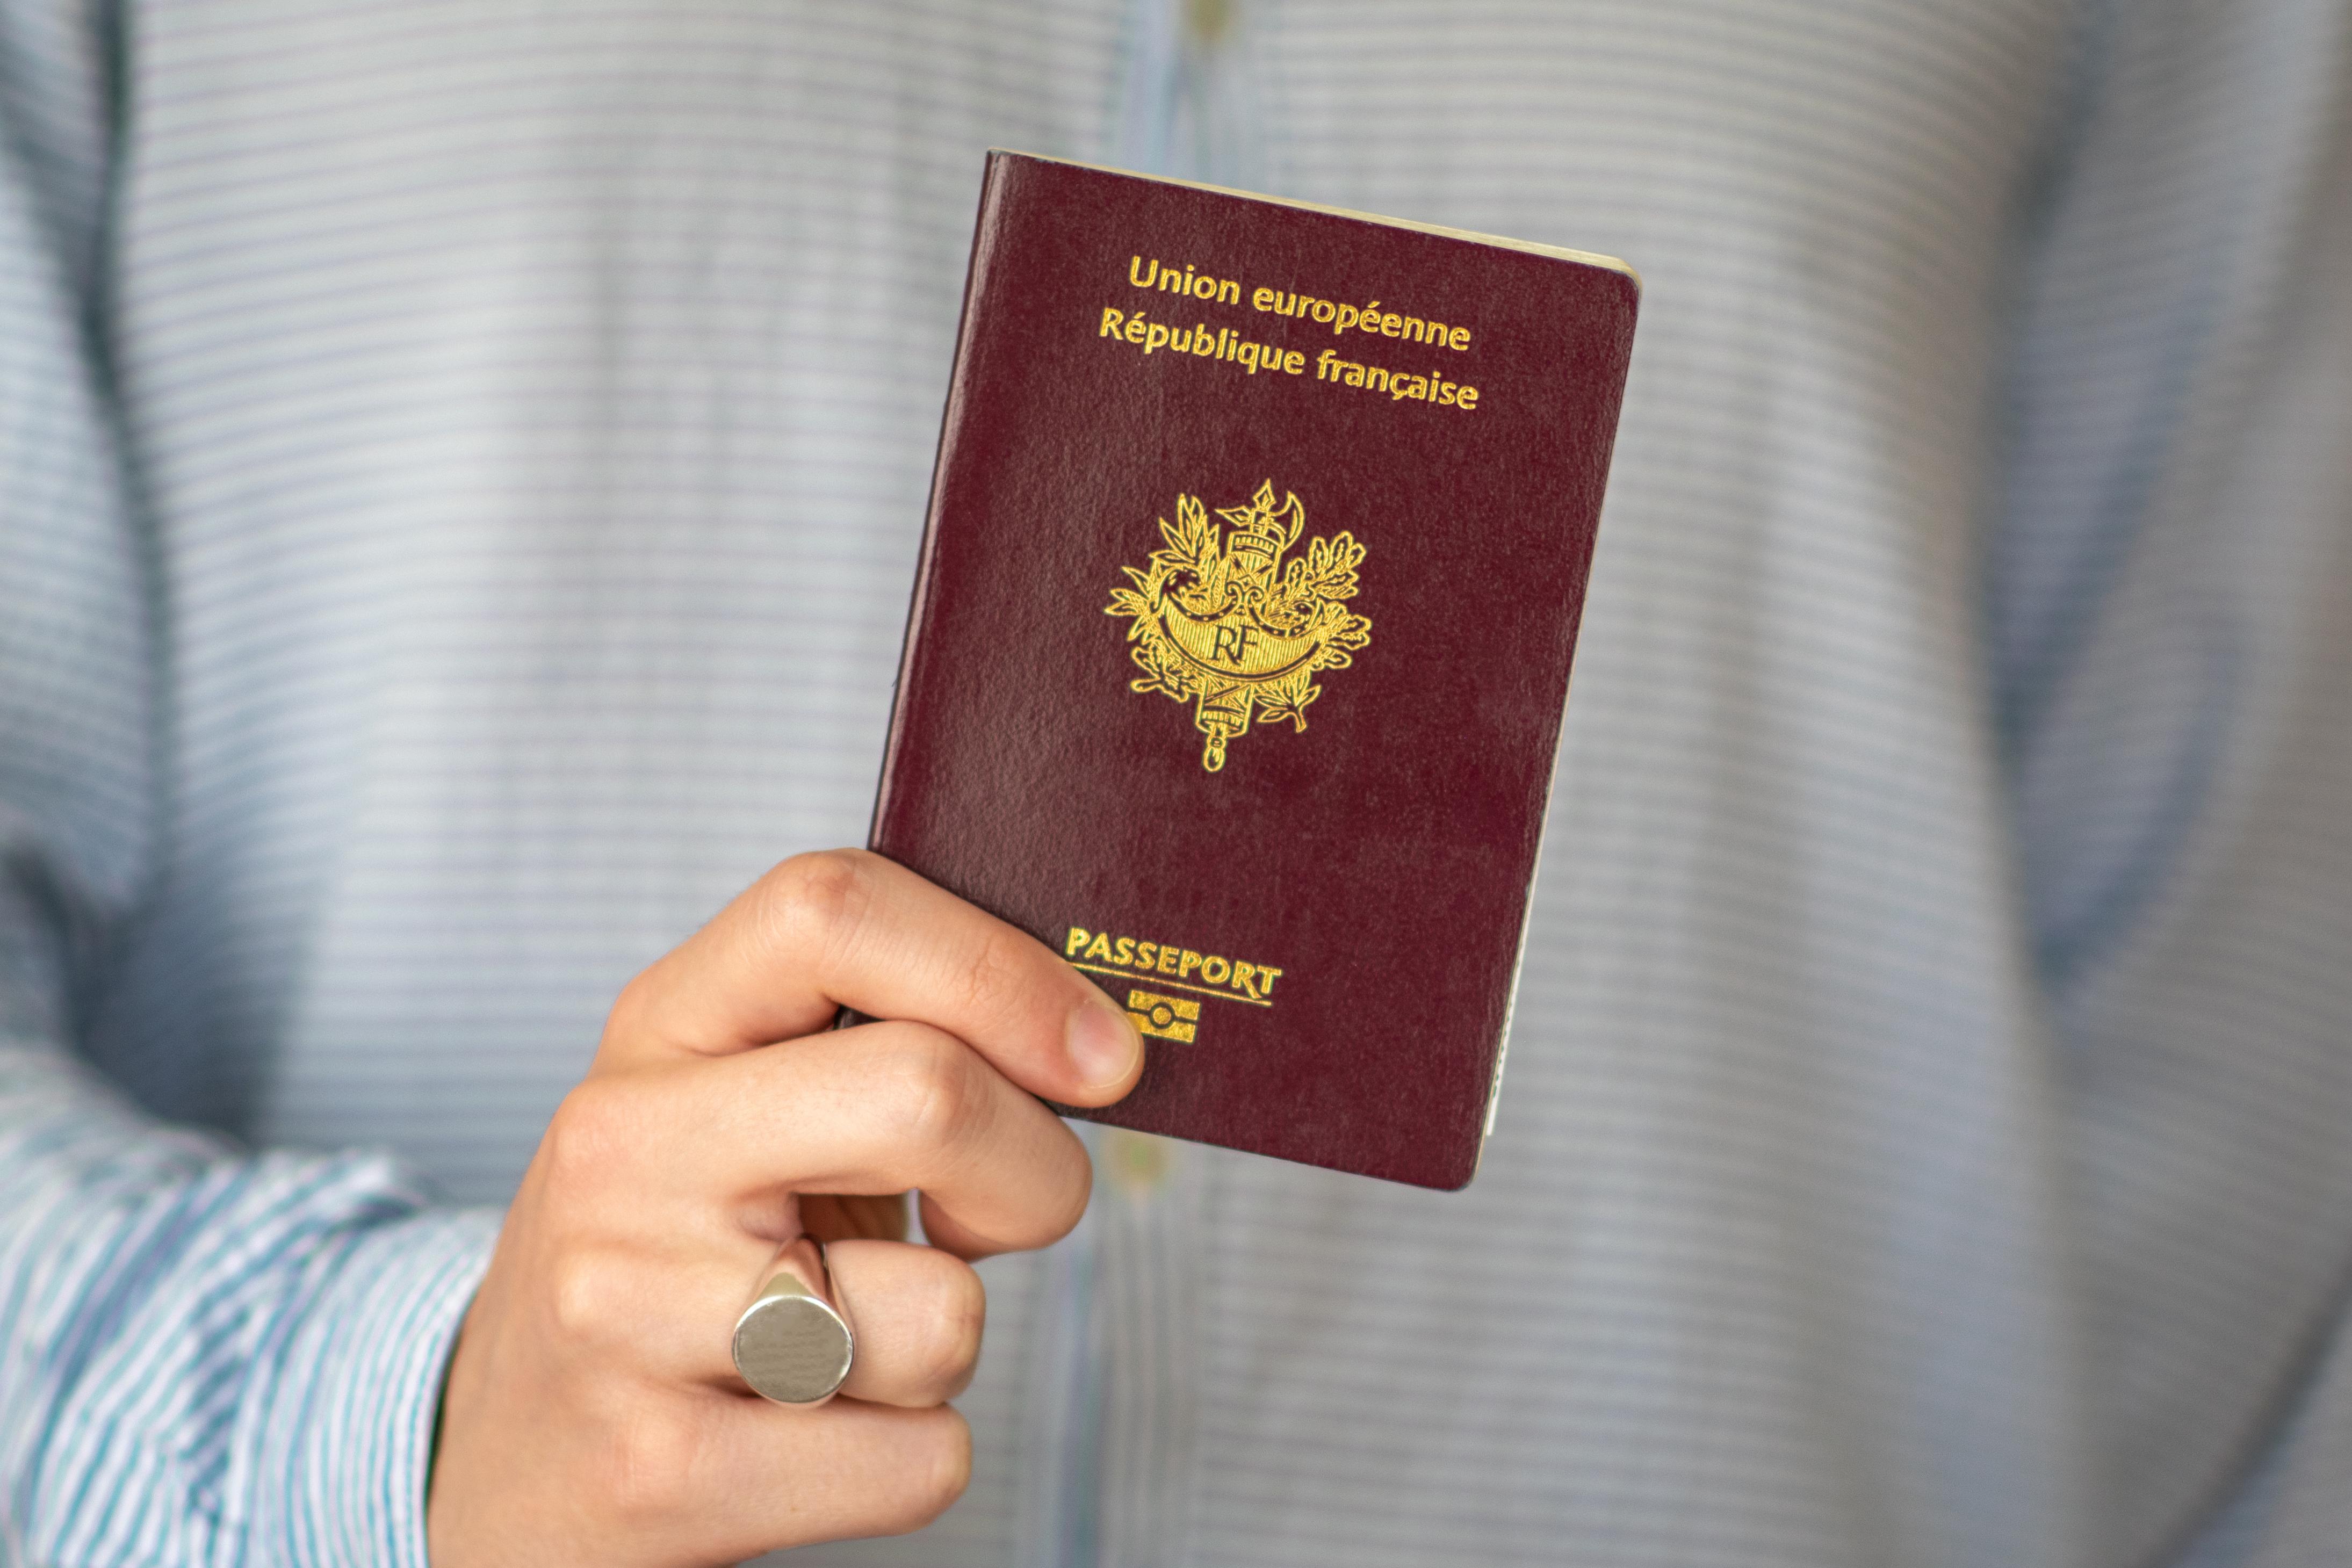 Паспорт Франции, гражданство которой могут получить иностранцы